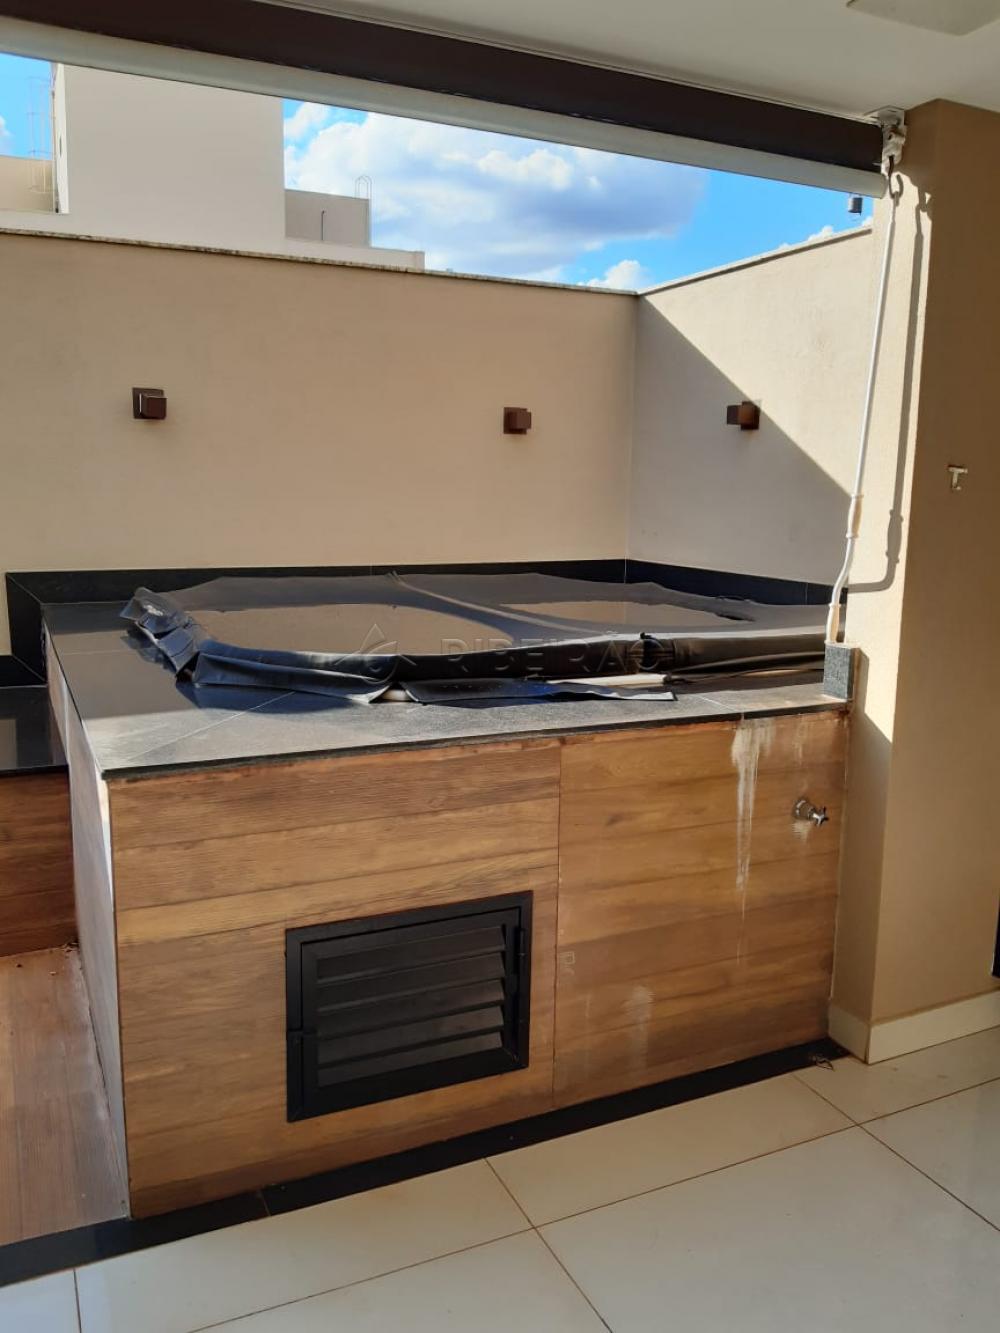 Comprar Apartamento / Cobertura em Ribeirão Preto R$ 1.900.000,00 - Foto 3